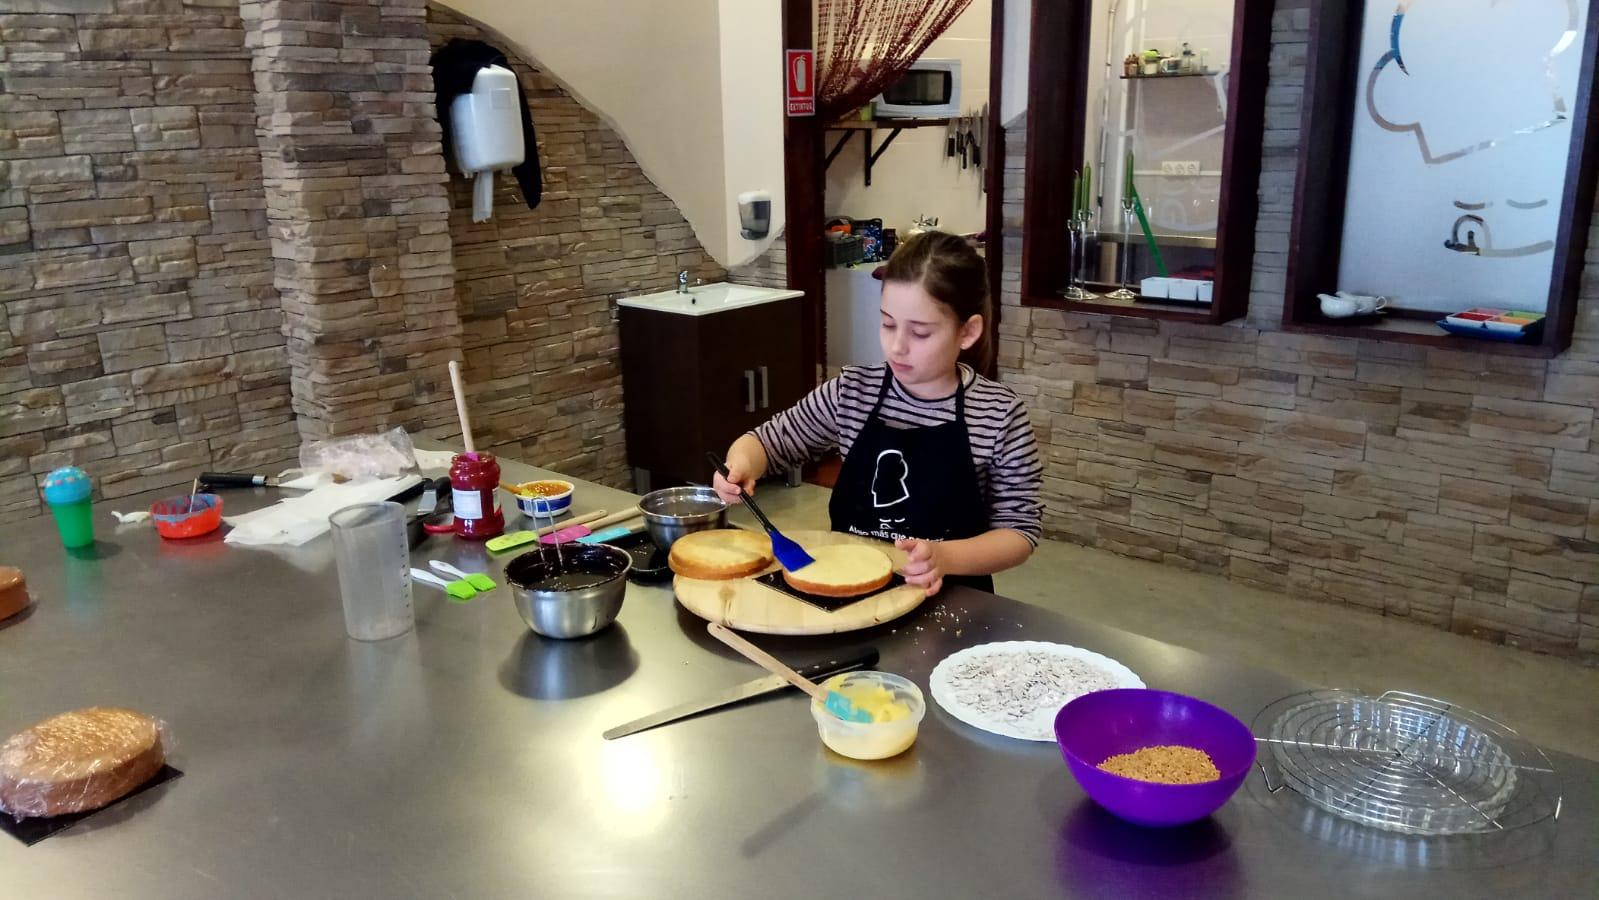 Taller de monas. Curso de pastelería en Sant Feliu de LLobregat